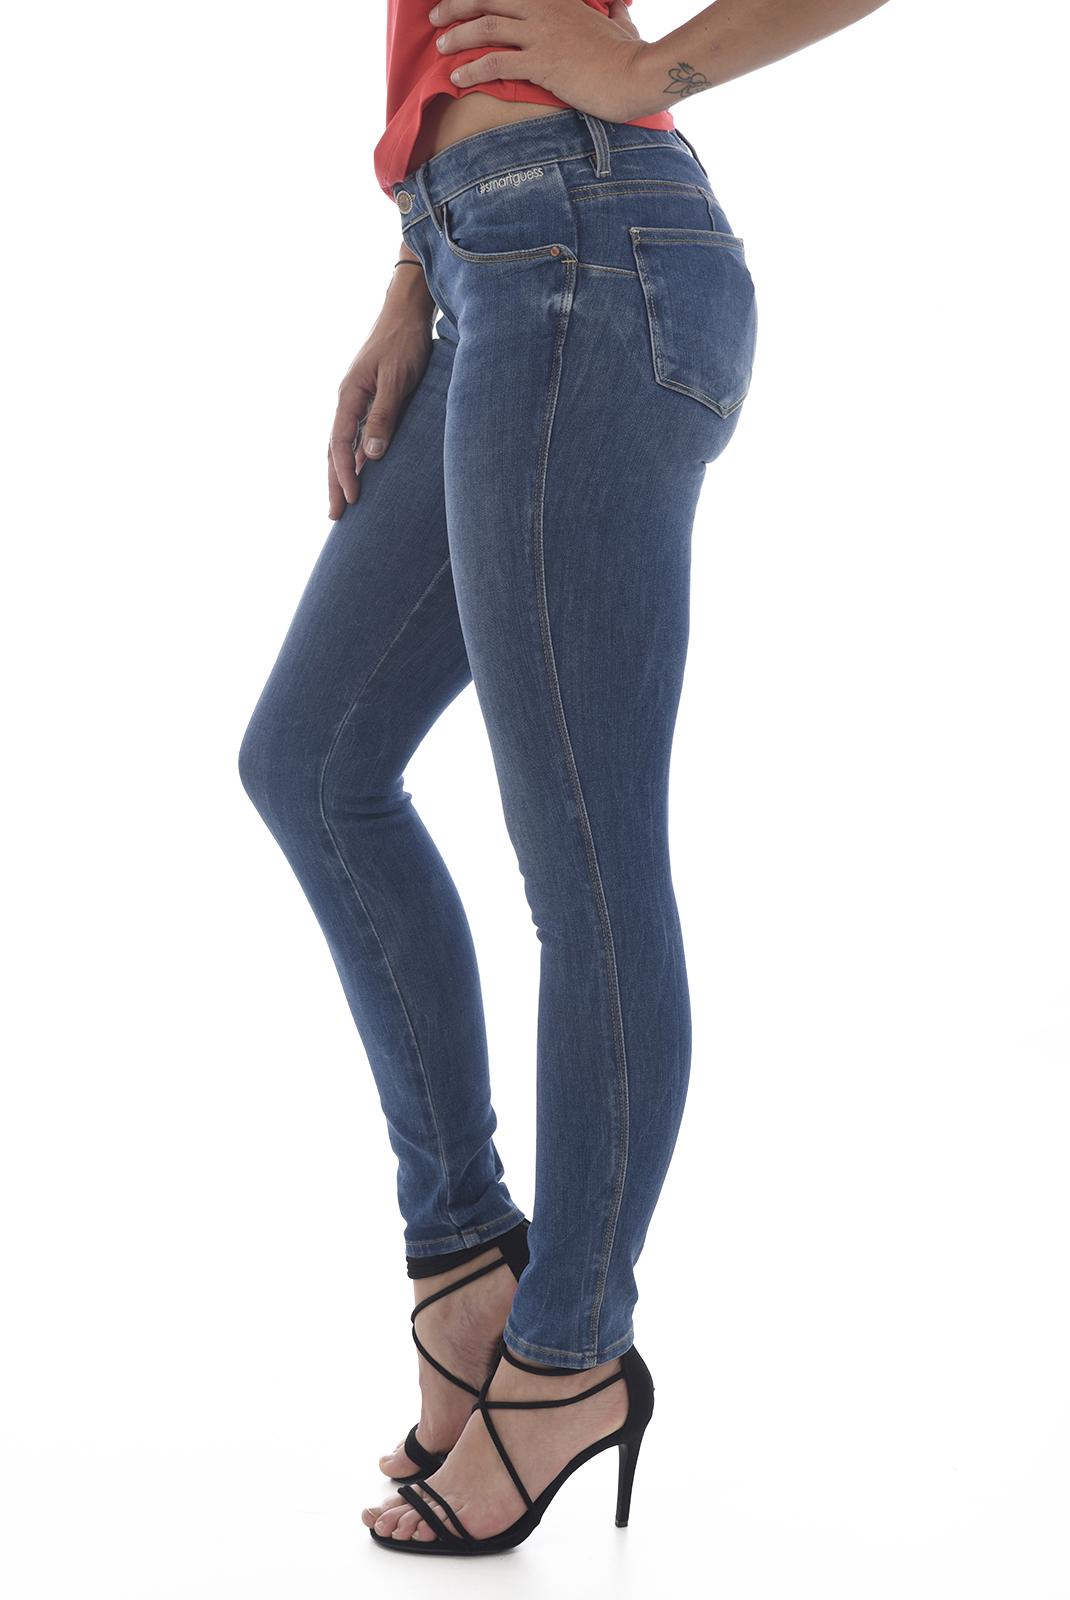 Jeans   Guess jeans W63AJ2 D27T2 curve x UNRIPPED BLUE KATA